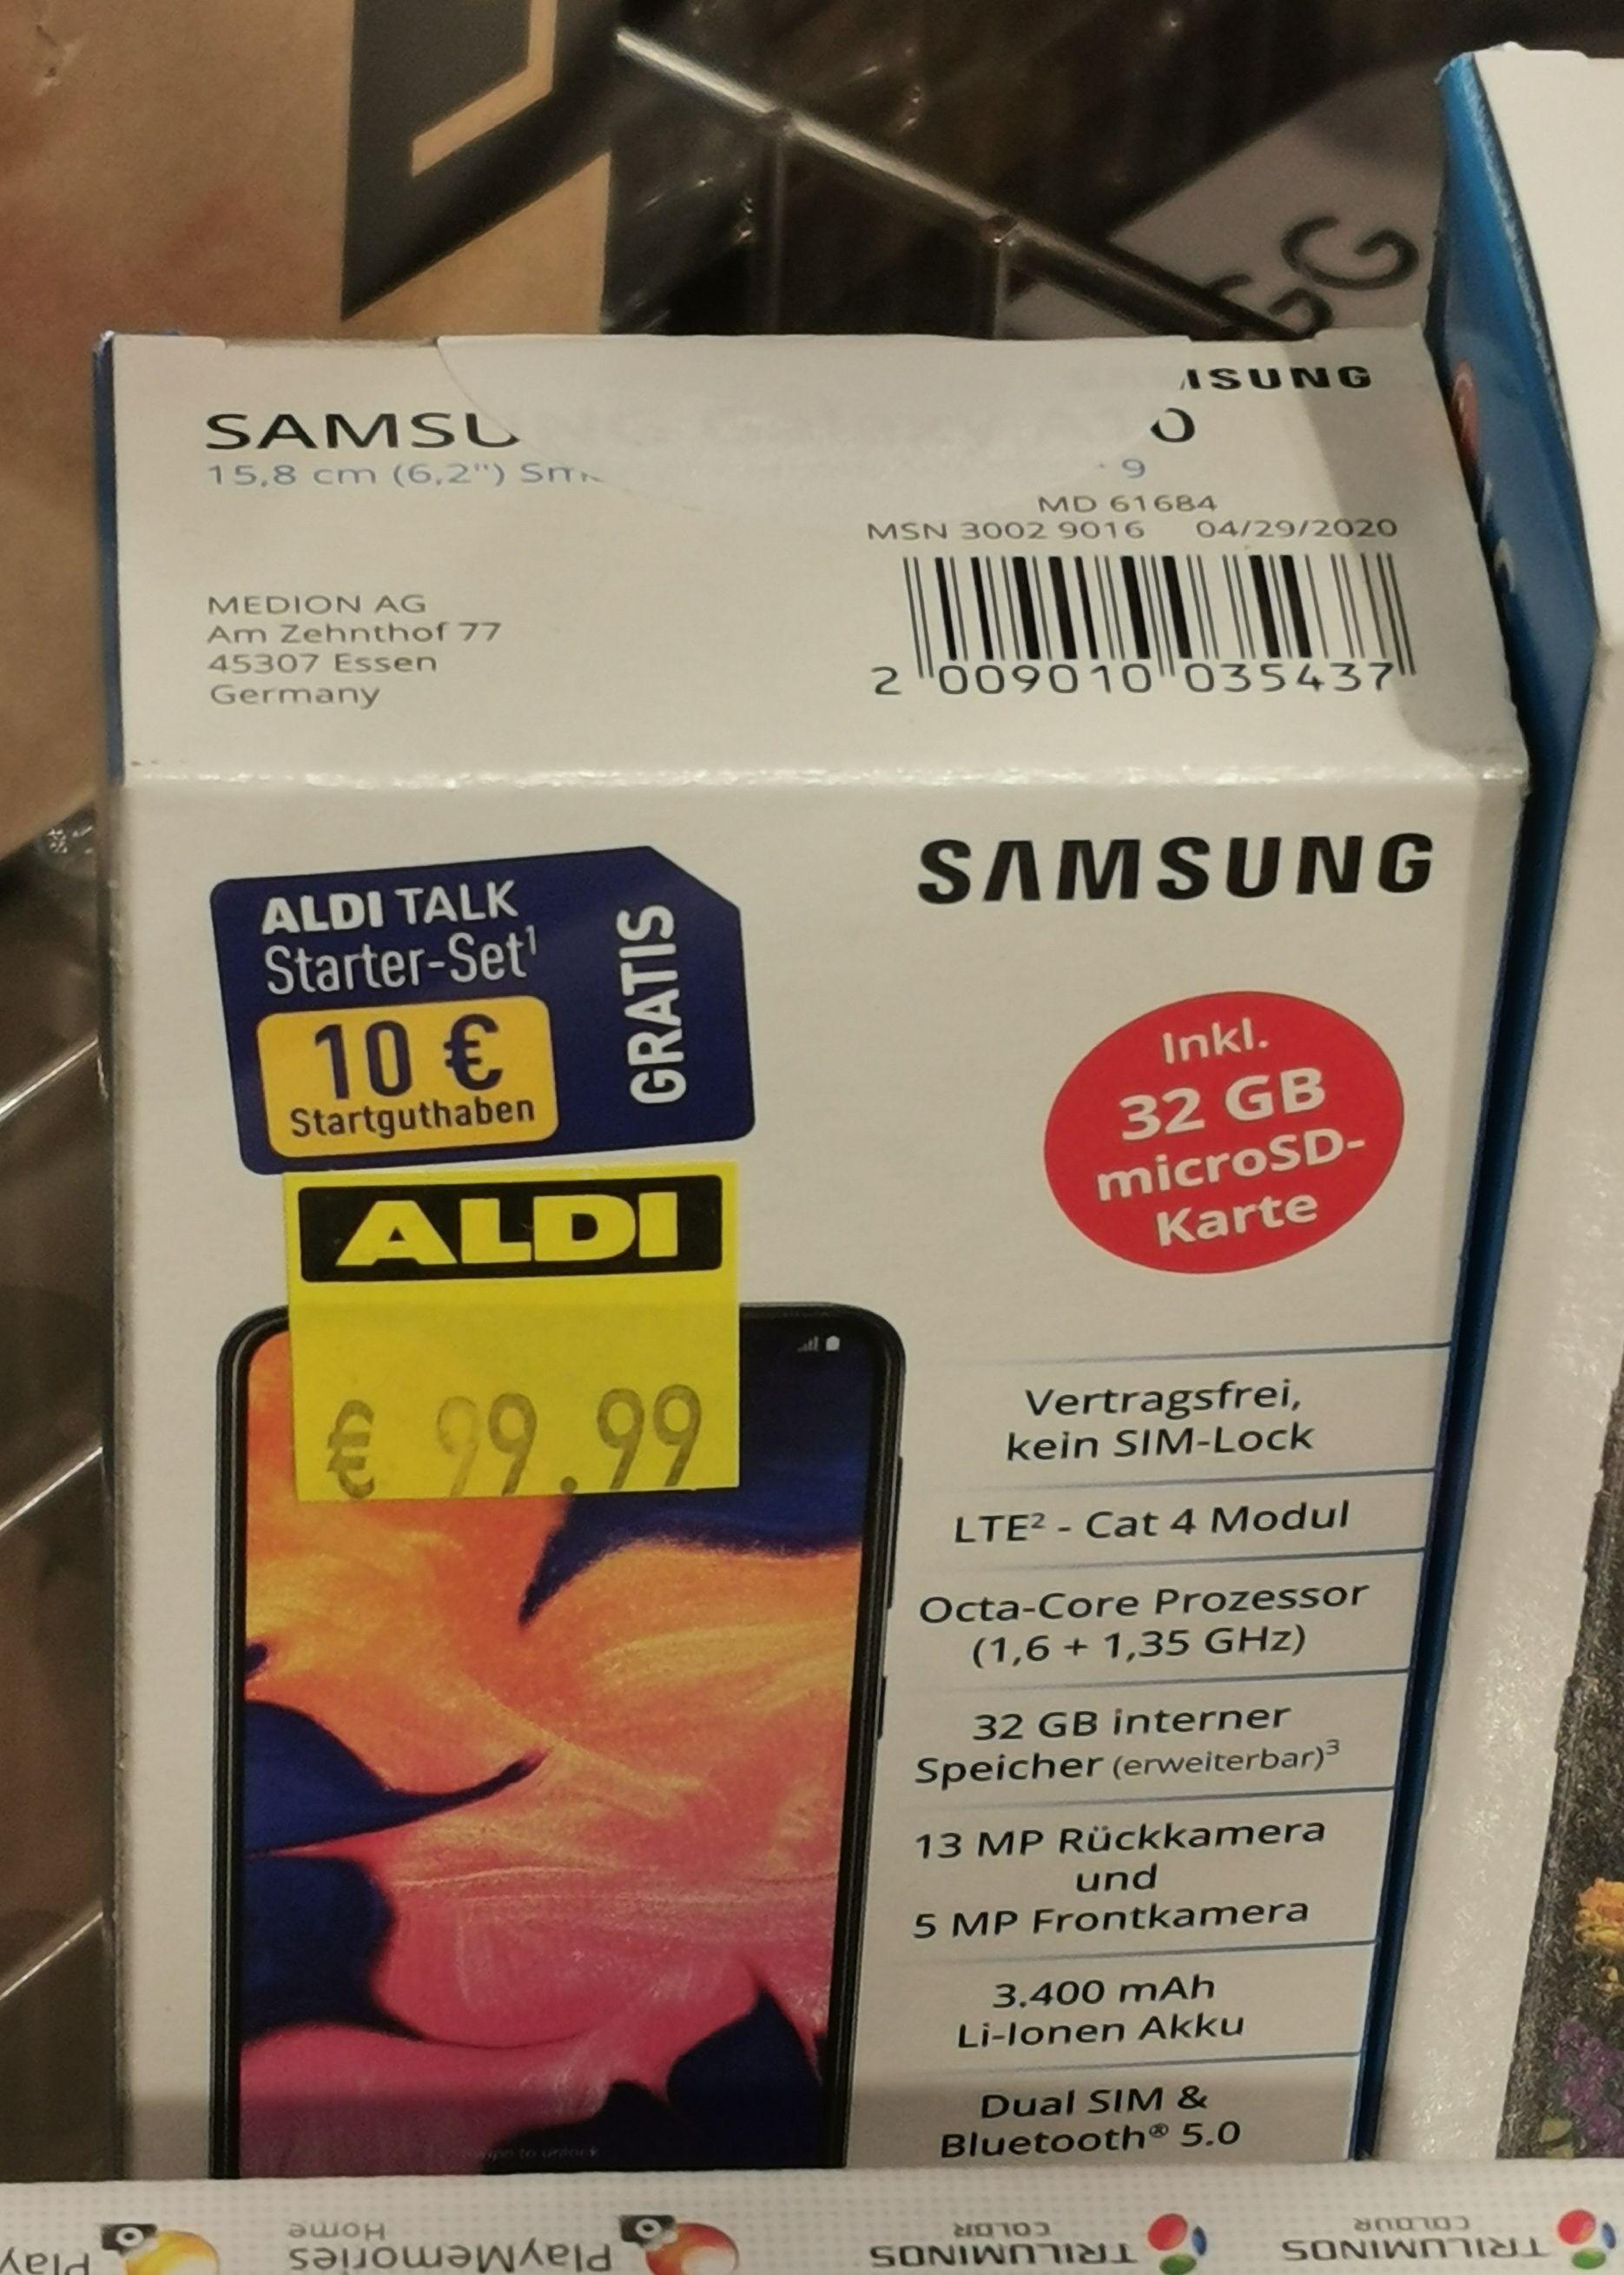 Lokal/Bestpreis Samsung Galaxy A10 im Aldi Hamburg Groß Flottbek + 10 €Alditalk Guthaben